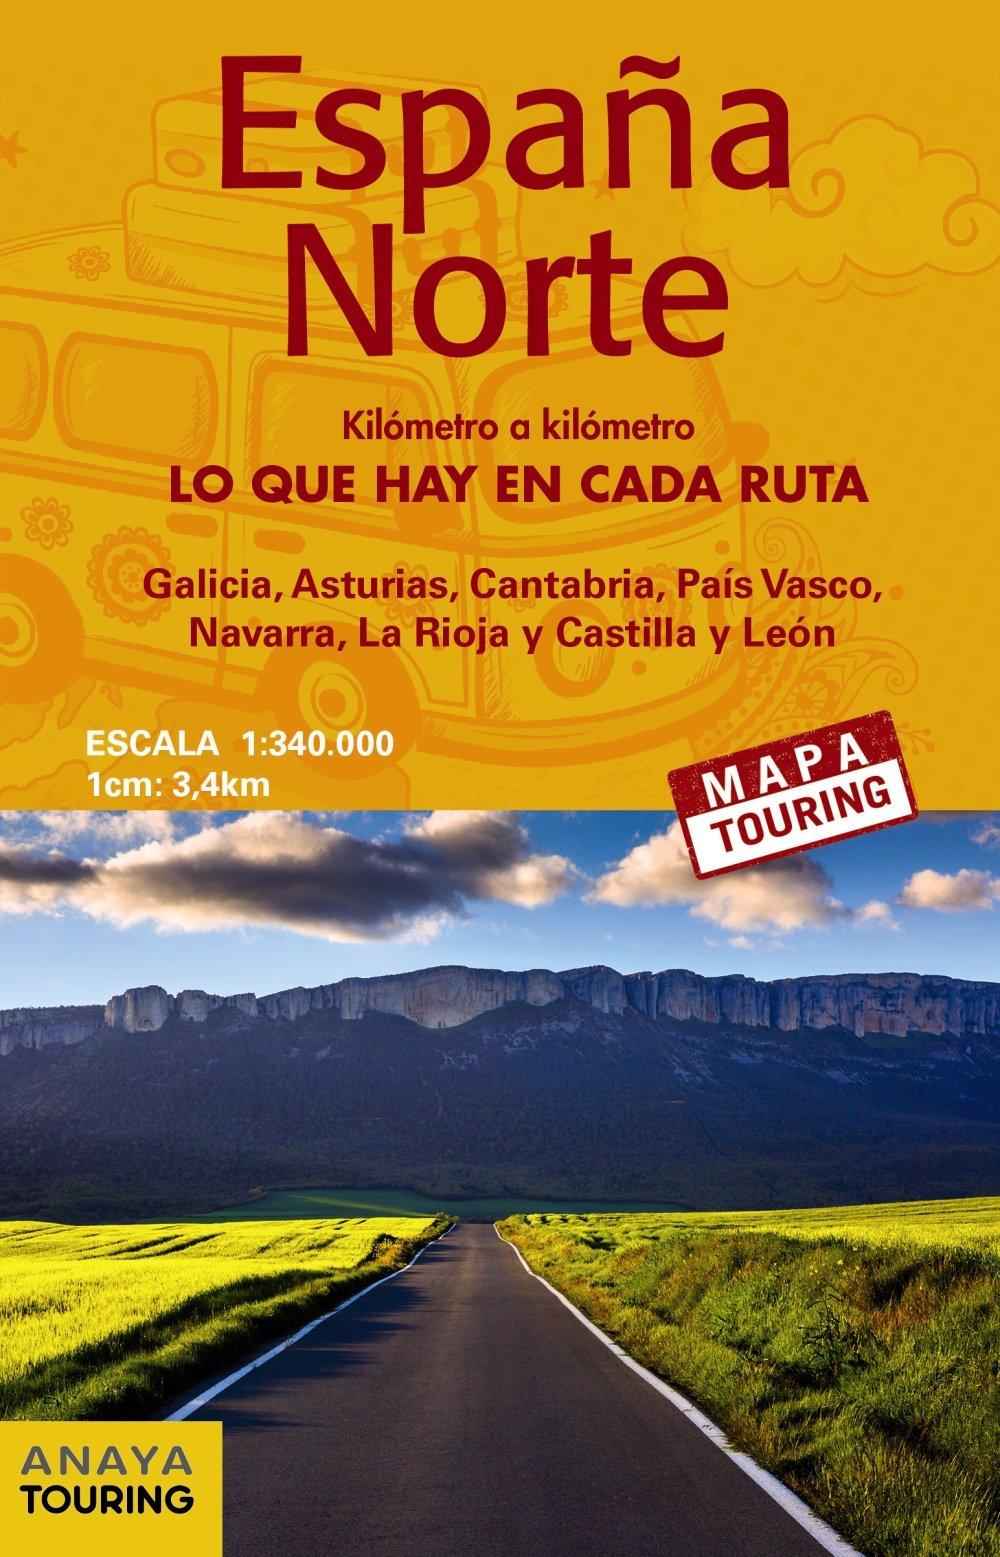 Mapa De Carreteras Espana Norte E 1 340000 Anaya Touring